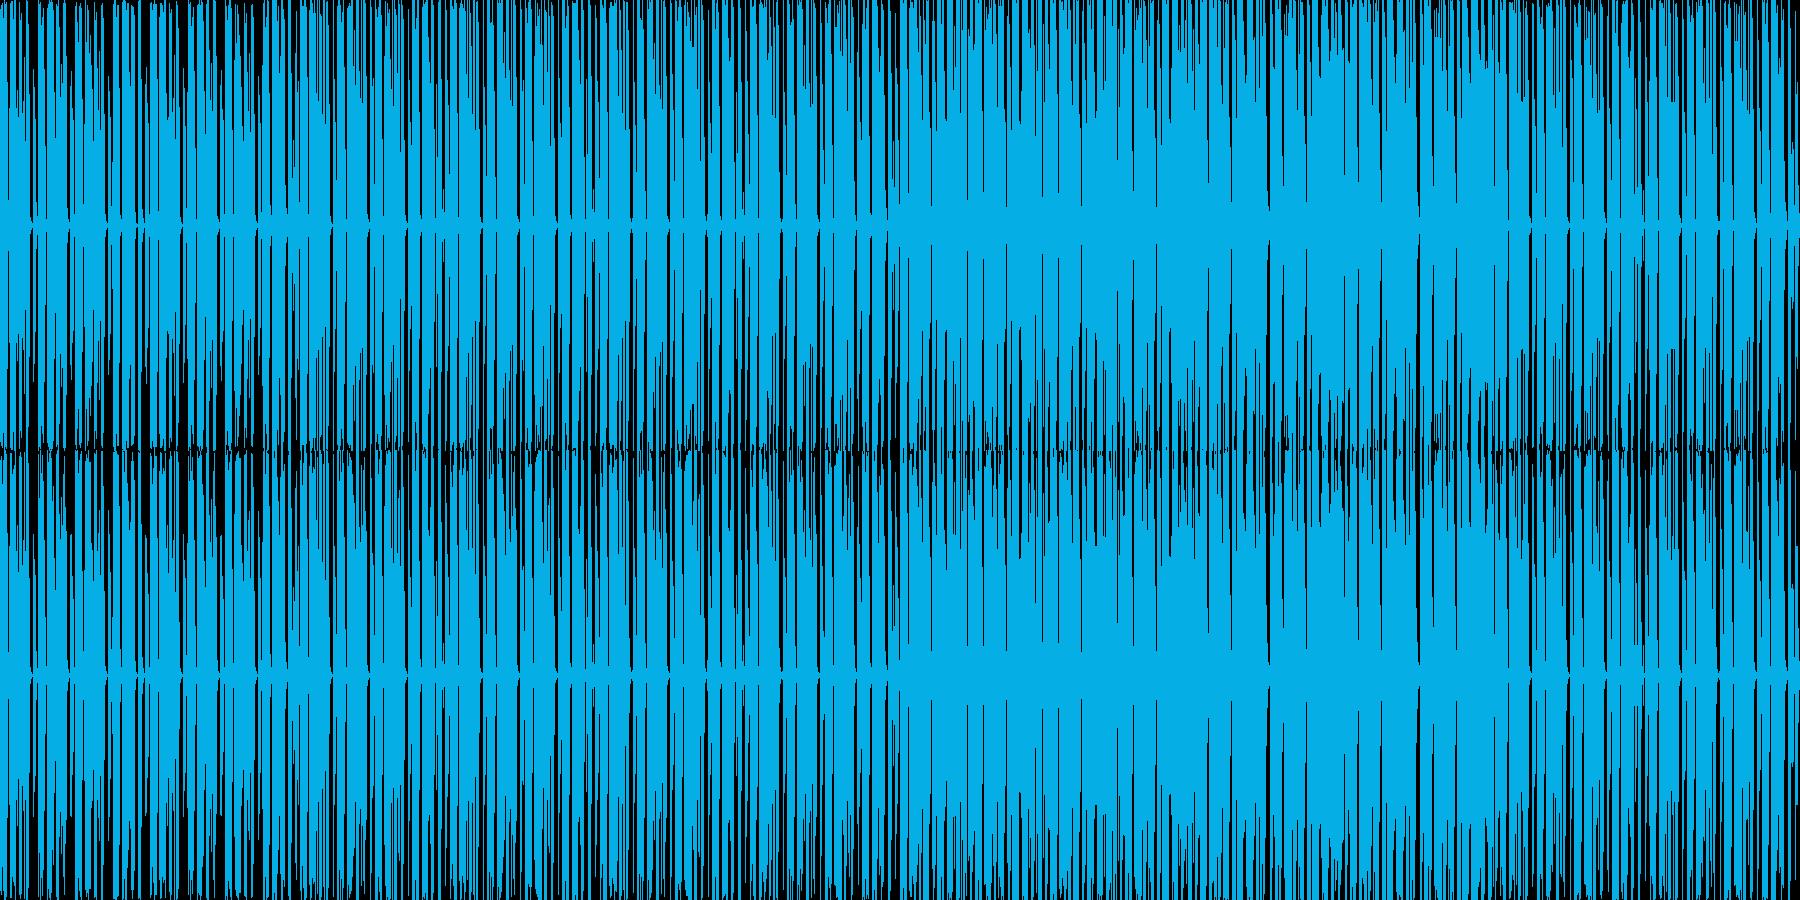 【ダンス/クラブ/ポップなEDM】の再生済みの波形